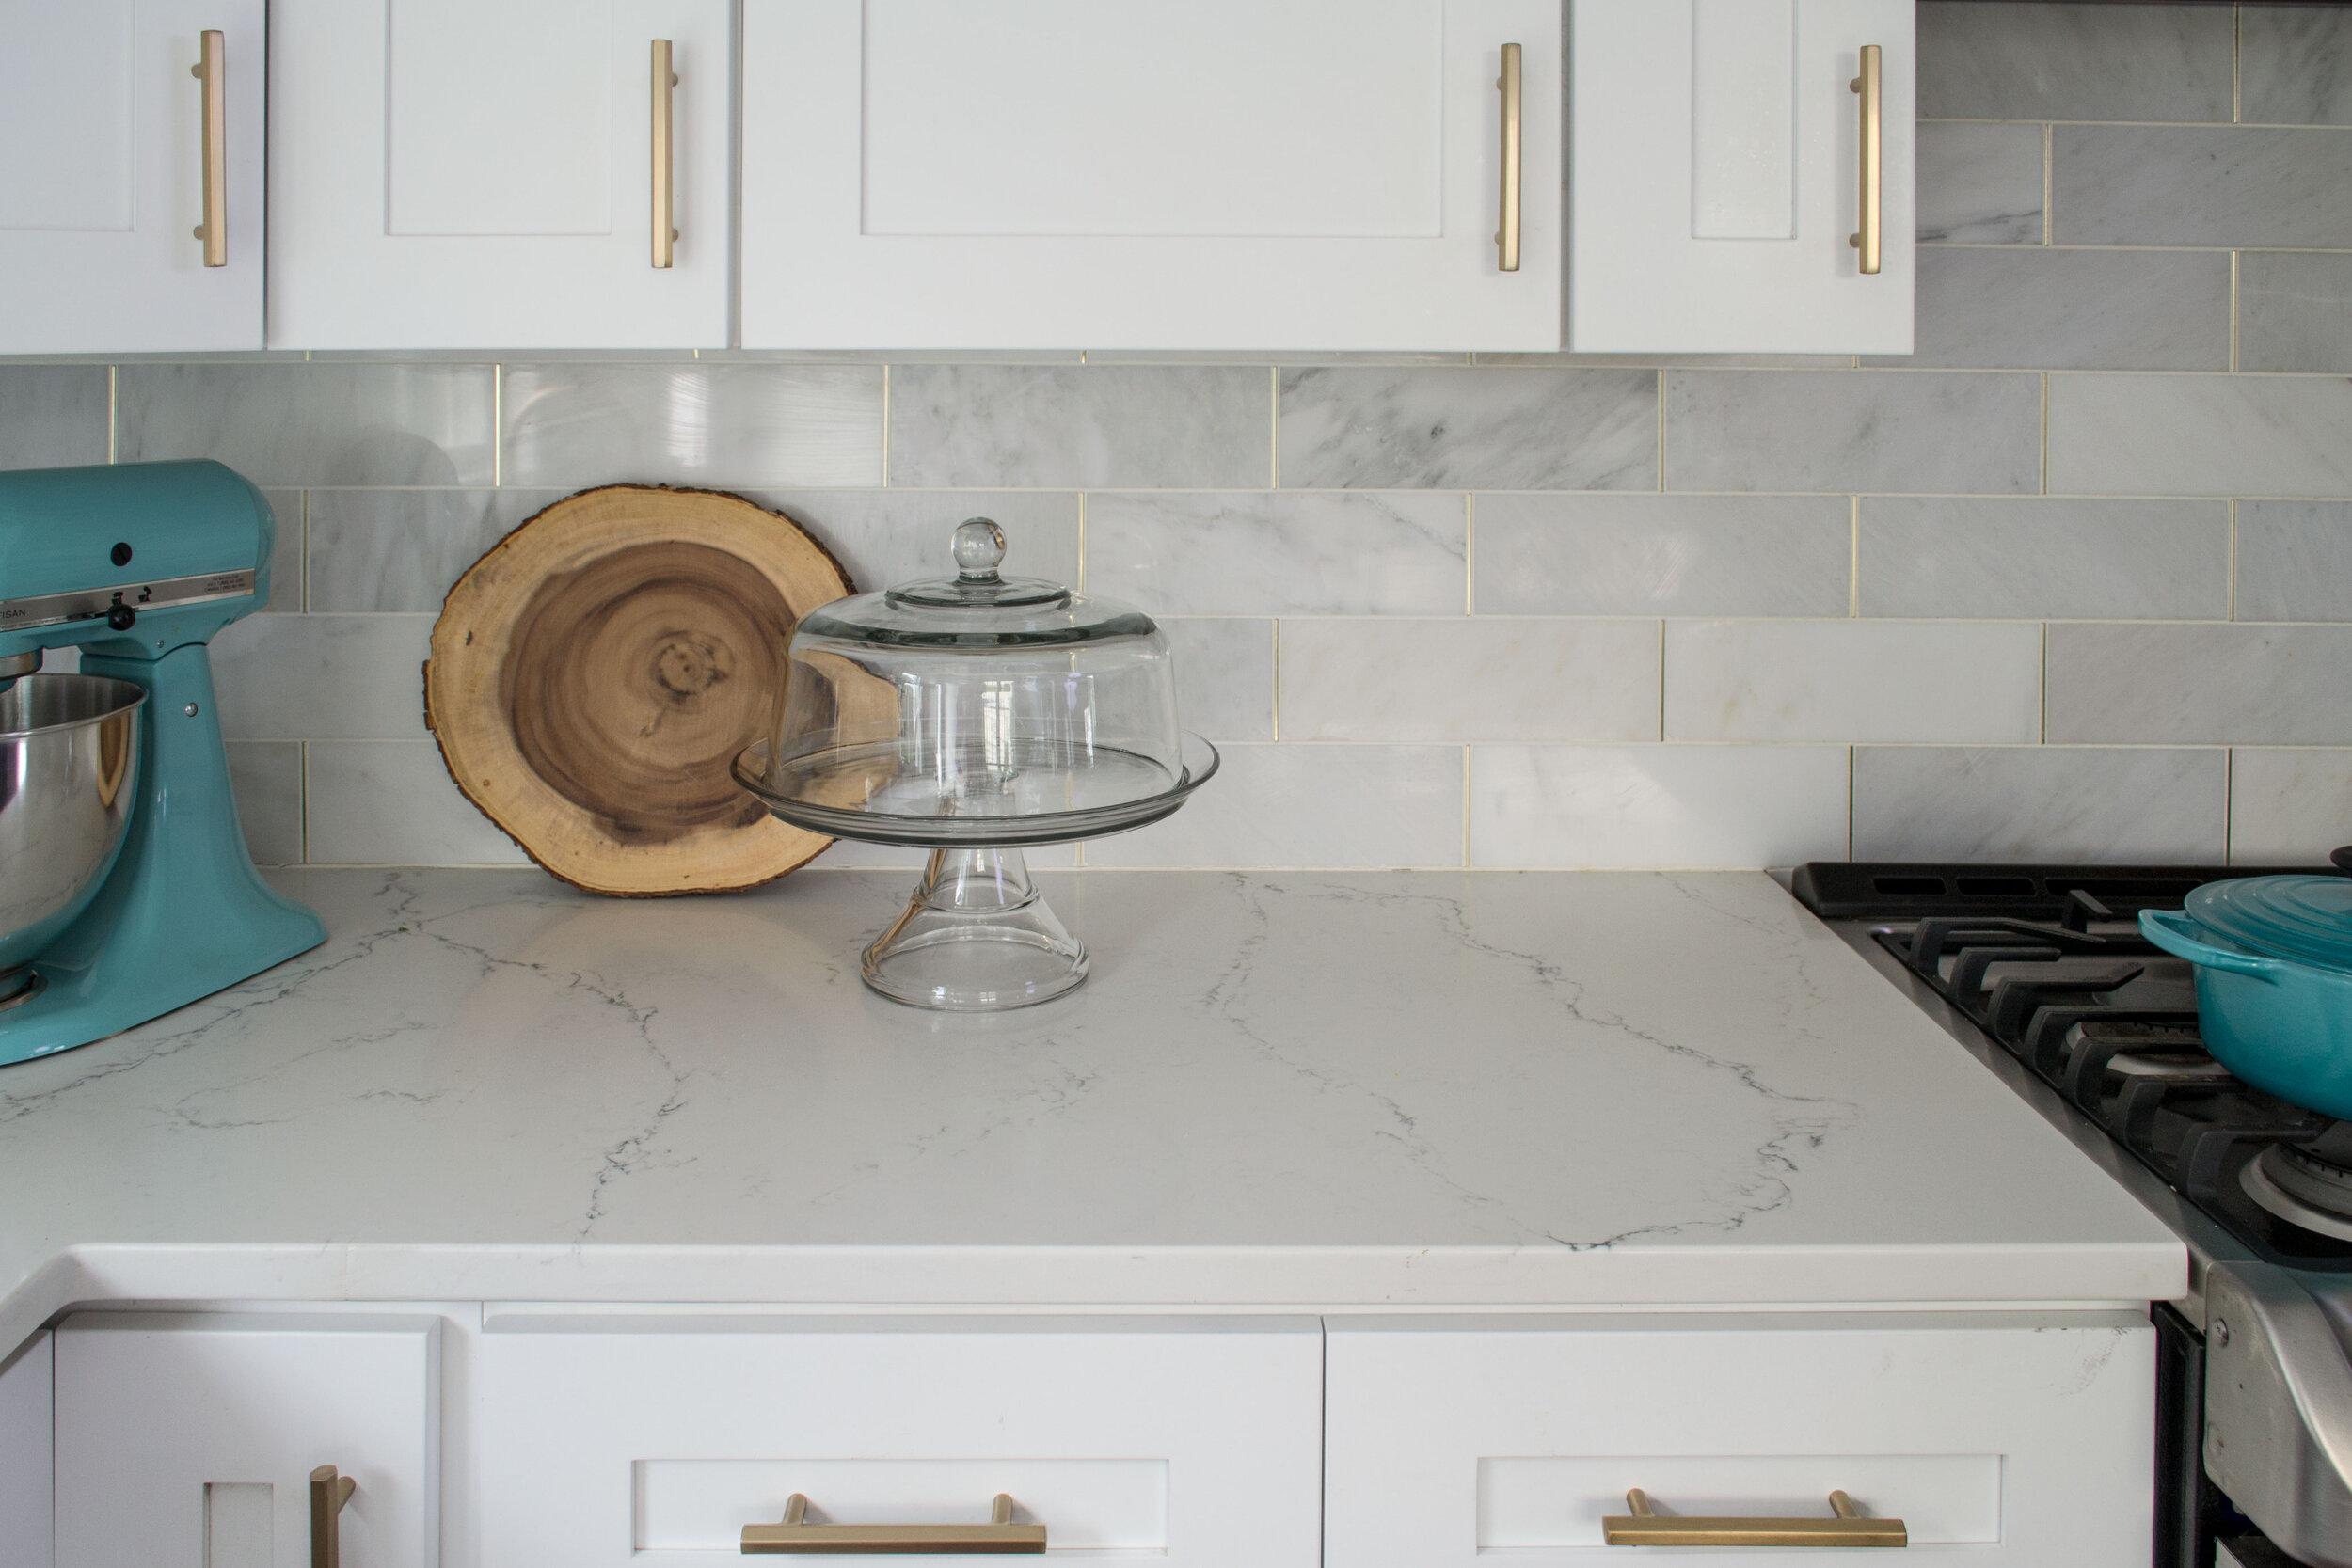 kitchen-modern-white-gray-tc-interiors-5.jpg